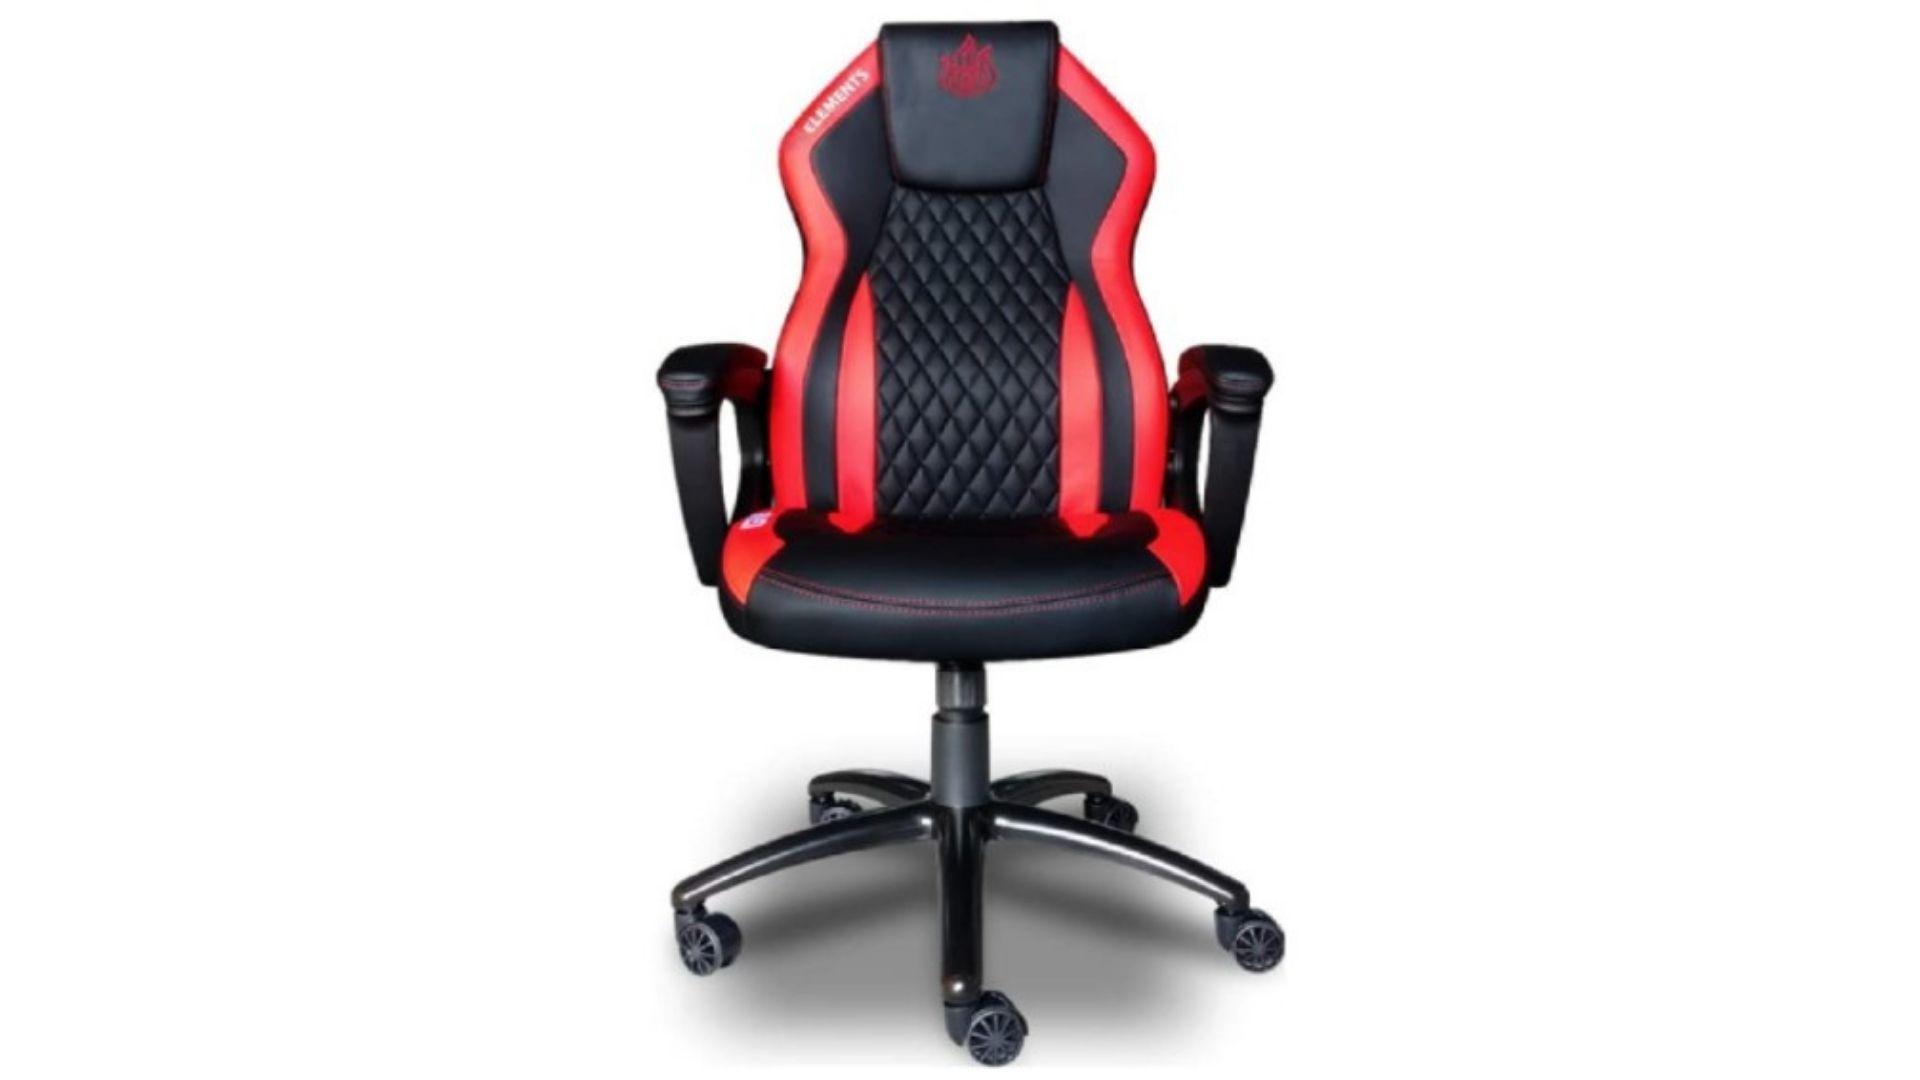 Modelo de cadeira gamer vermelha da Elements está entre os tops de linha da atualidade (Foto: Divulgação/Elements)